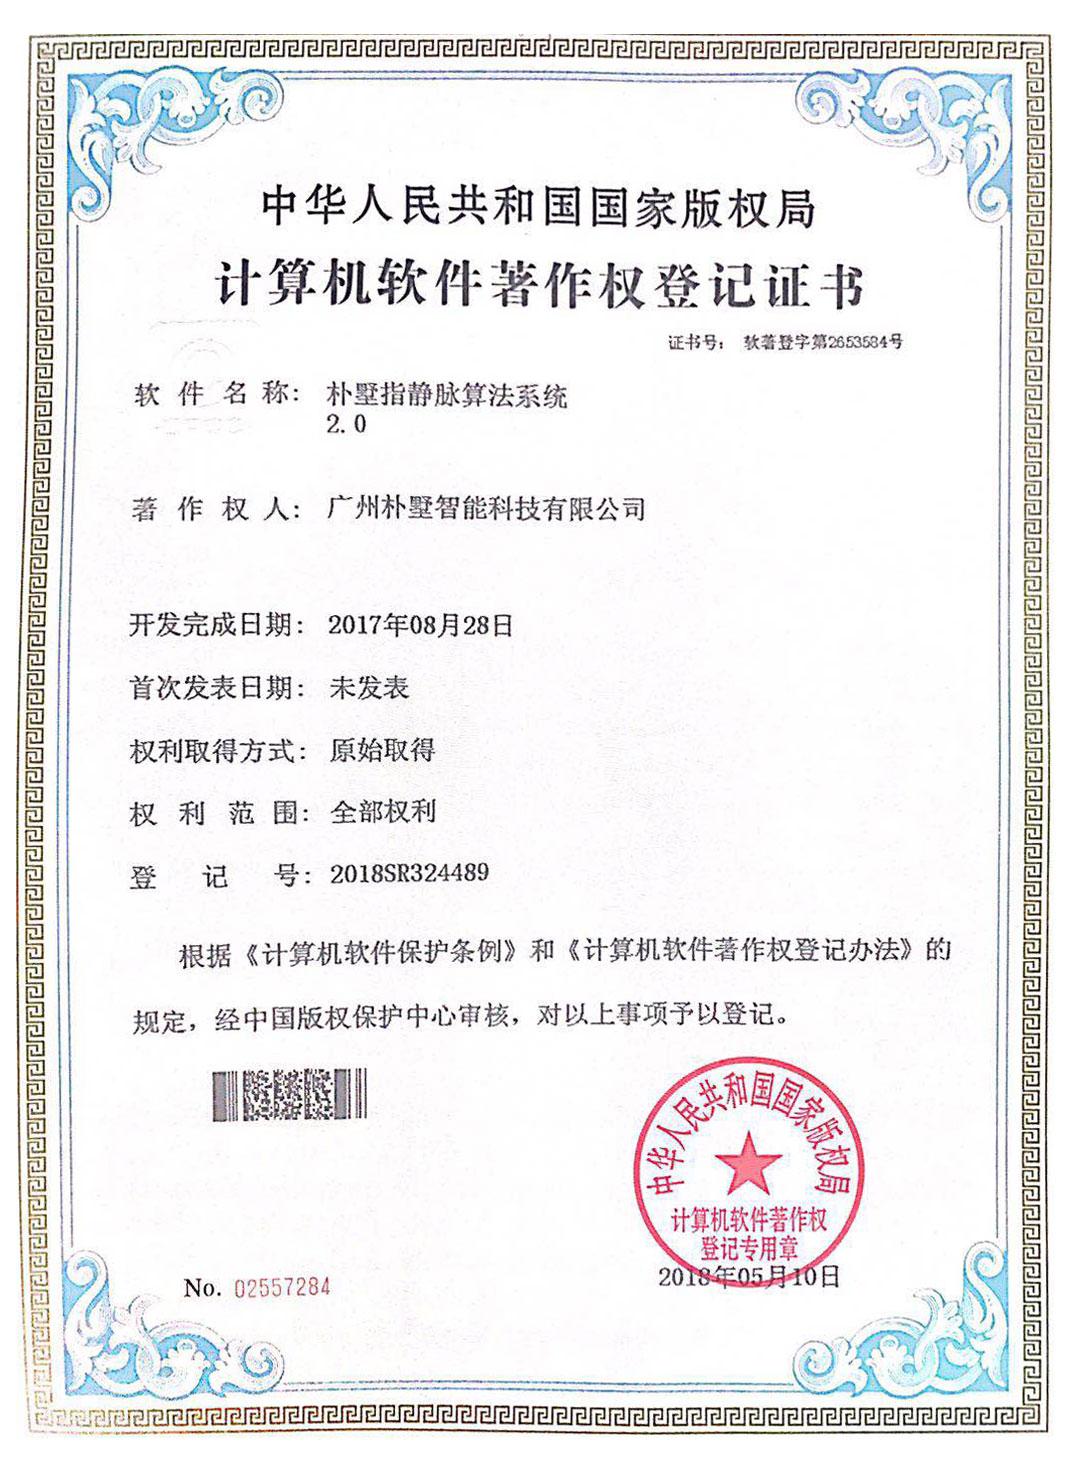 朴墅指静脉算法系统著作权证书